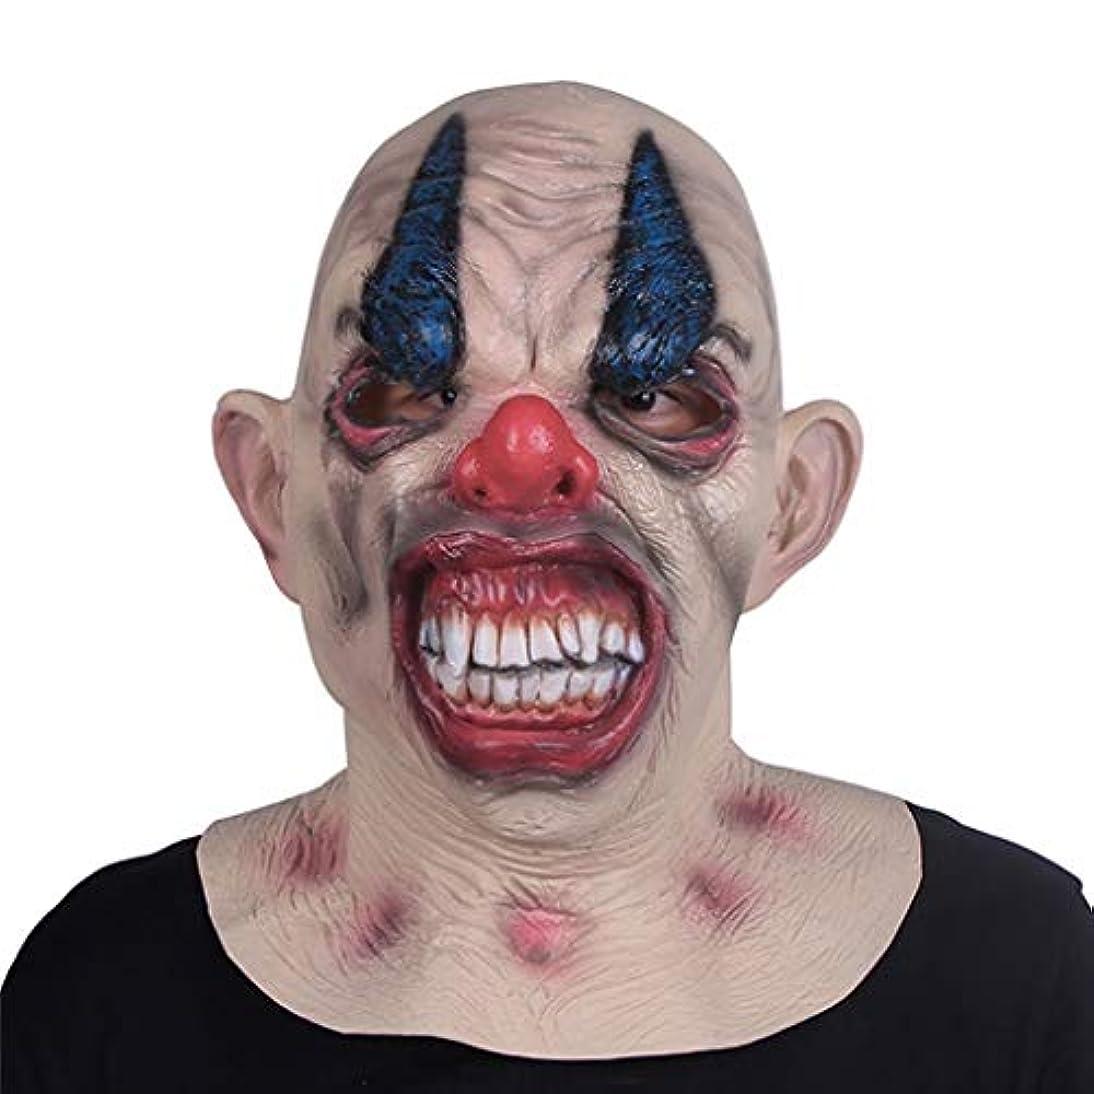 消費する粘液洞察力のあるハロウィンホラーマスク成人男性フルフェイス怖いラテックスヘッドセットハロウィン東京グールマスクゴーストフェイスデビル (Color : A)